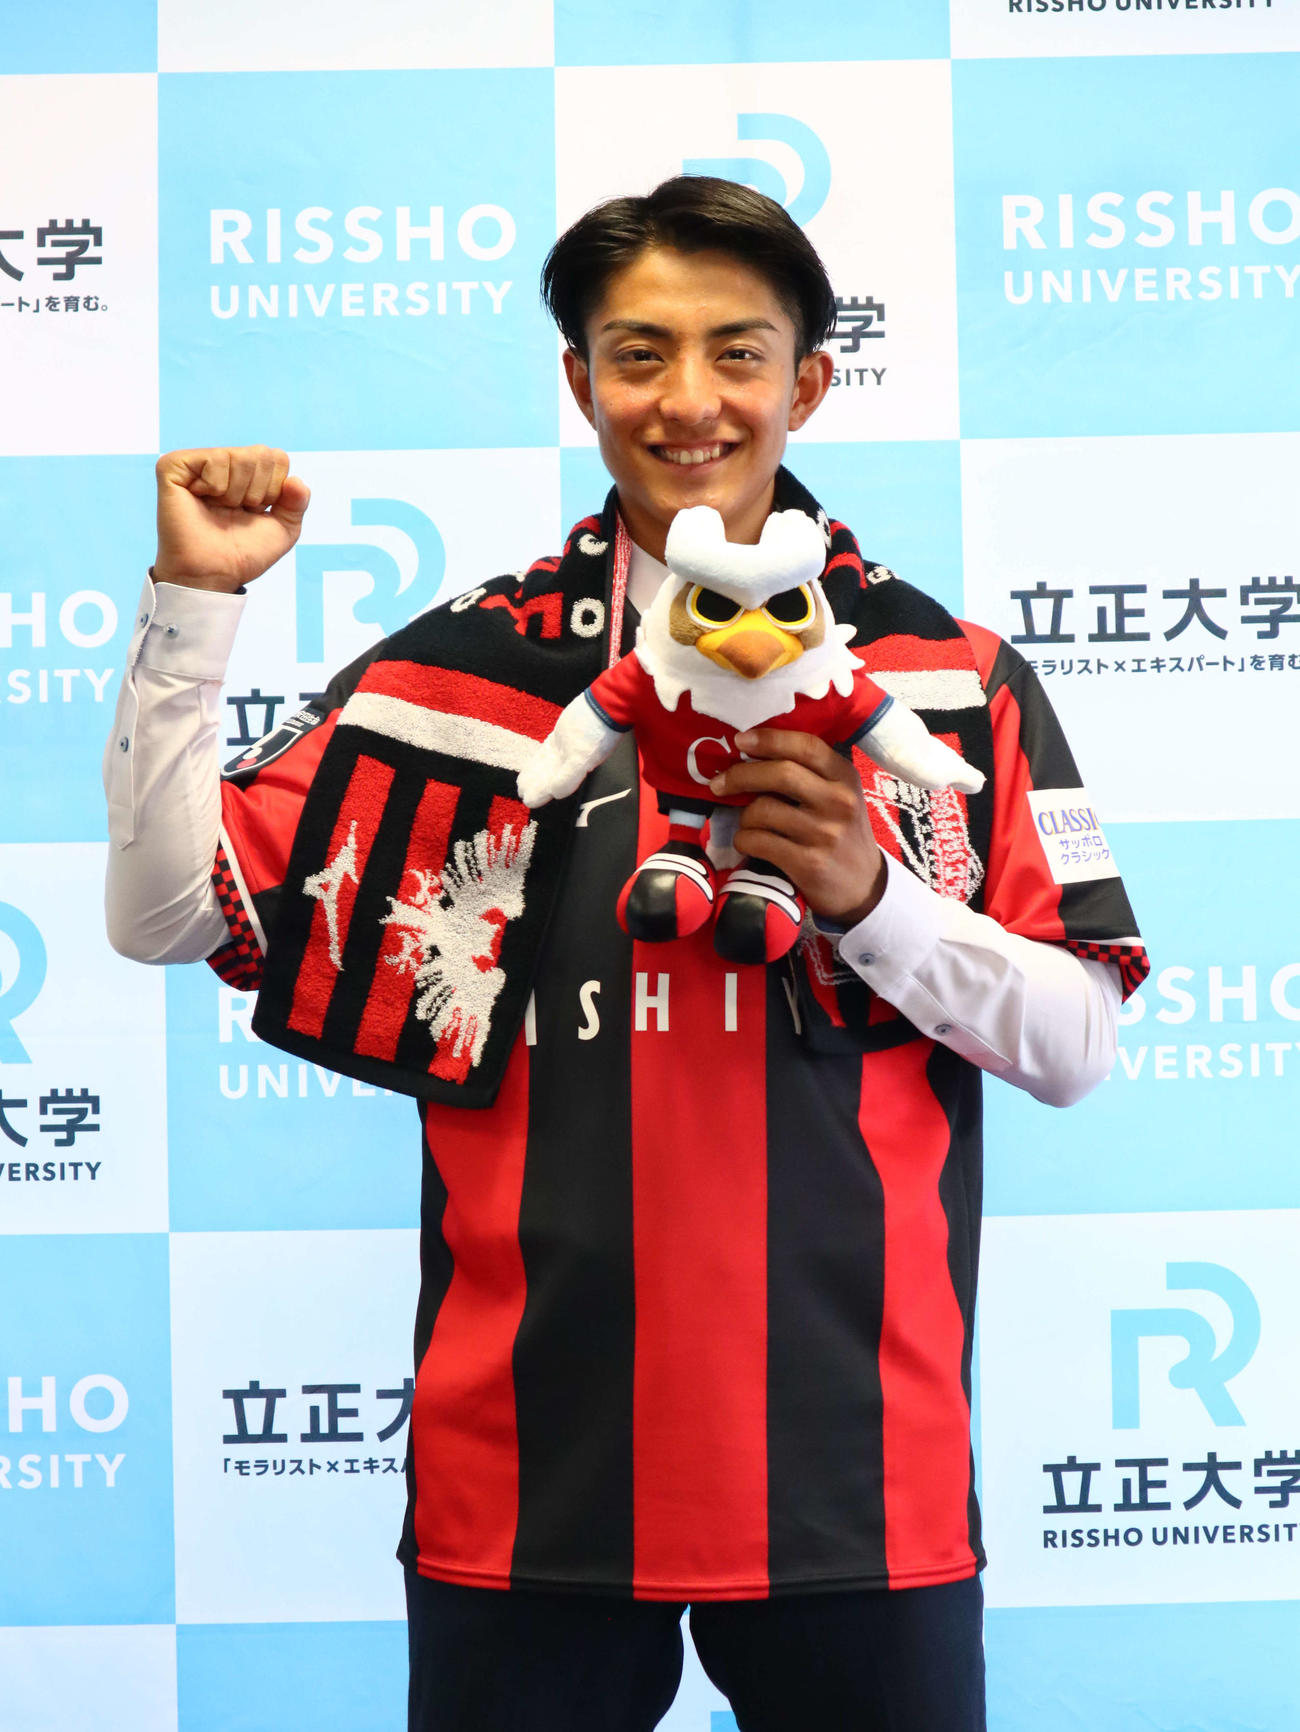 札幌への来季加入が内定した立正大MF田中宏武(C)2021 RISSHO Univ.